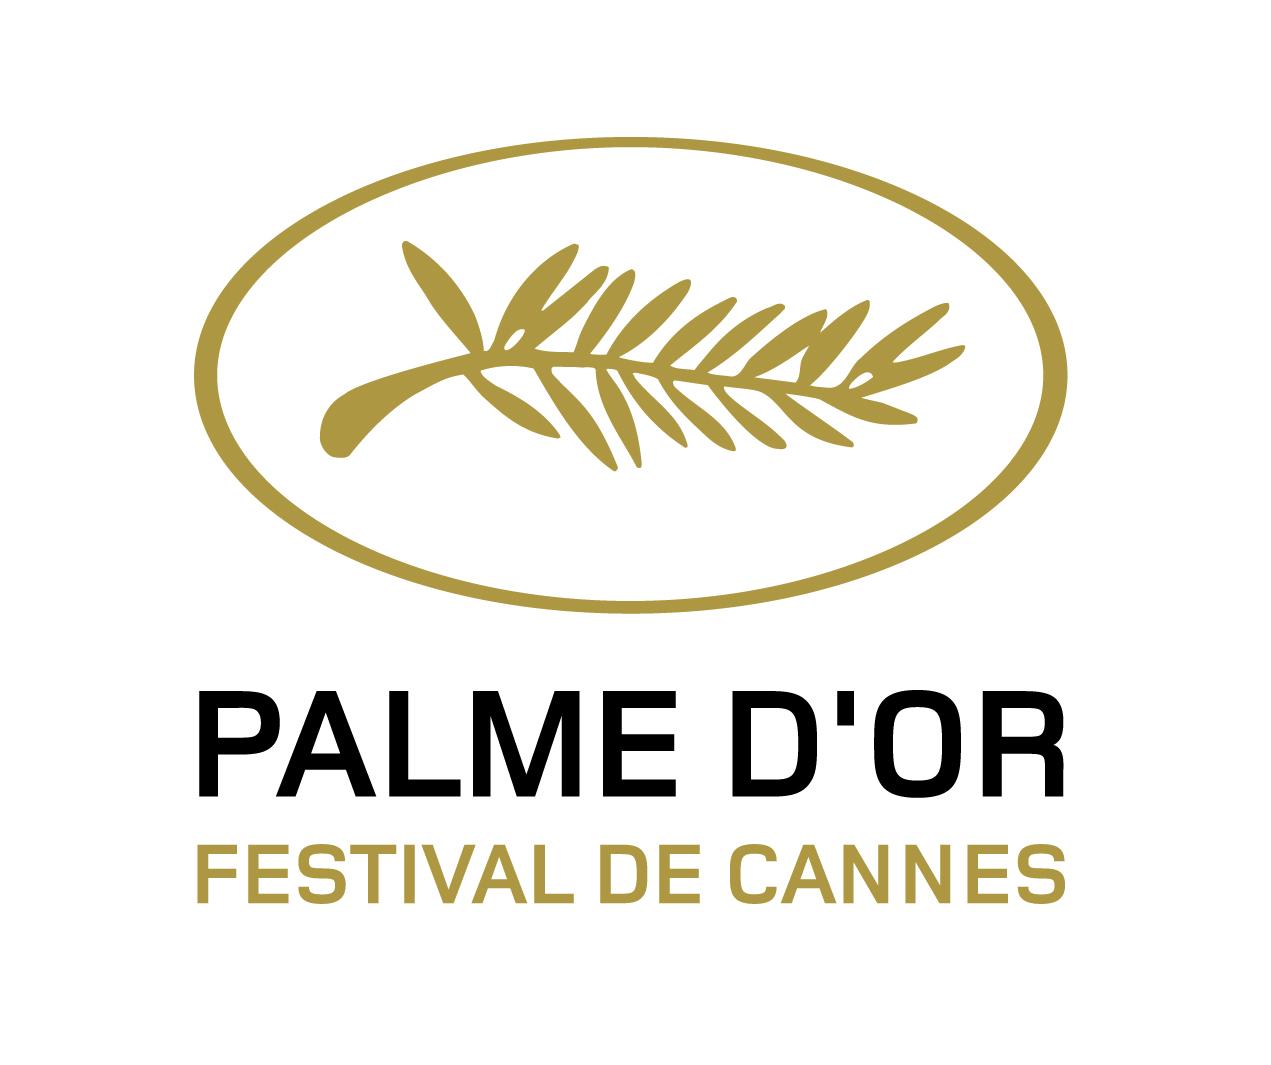 Logotipo que representa a la palma de oro del Festival de Cannes.